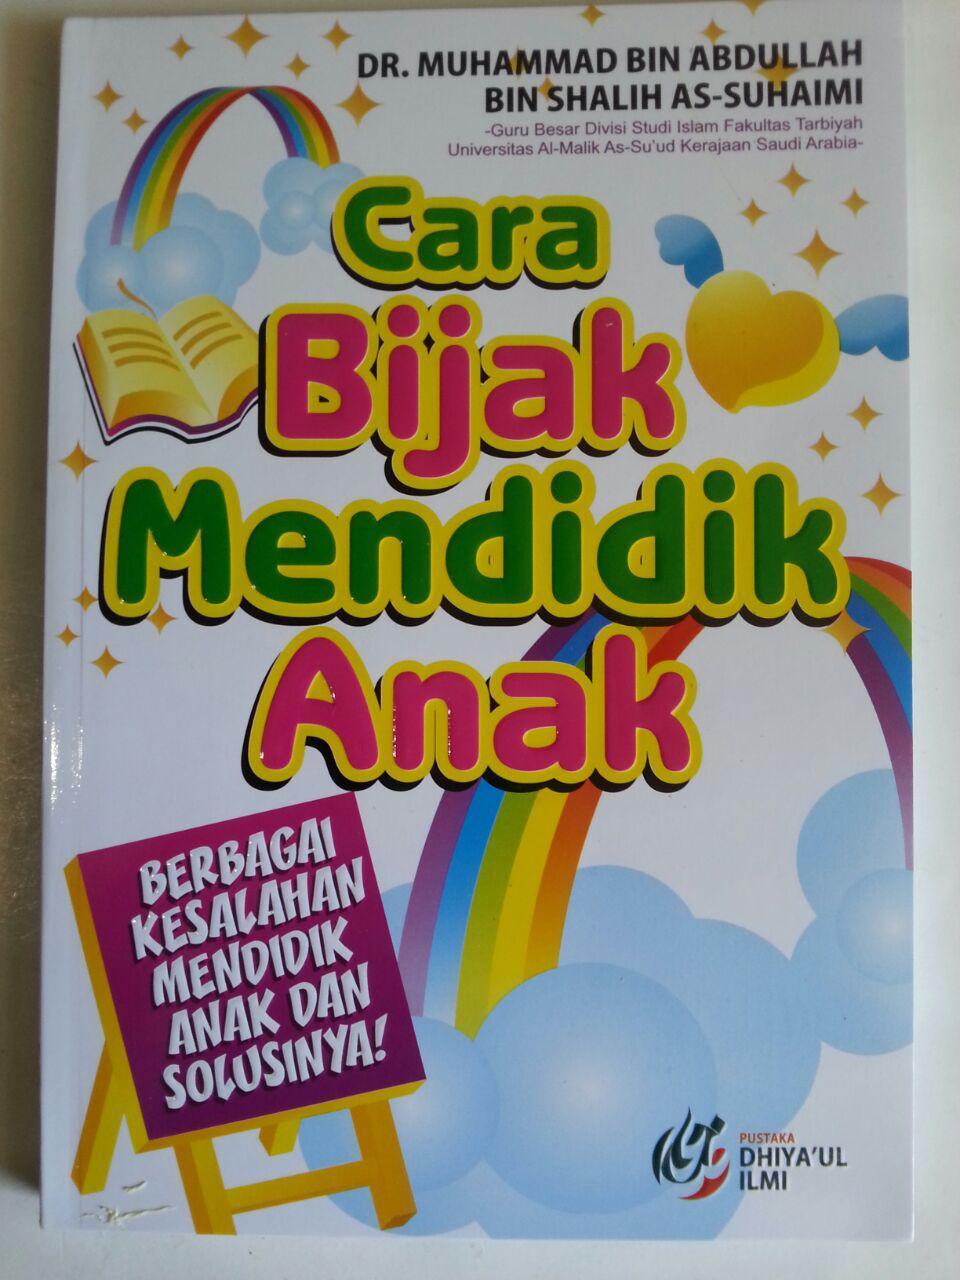 Buku Cara Bijak Mendidik Anak Berbagai Kesalahan Dan Solusi cover 2